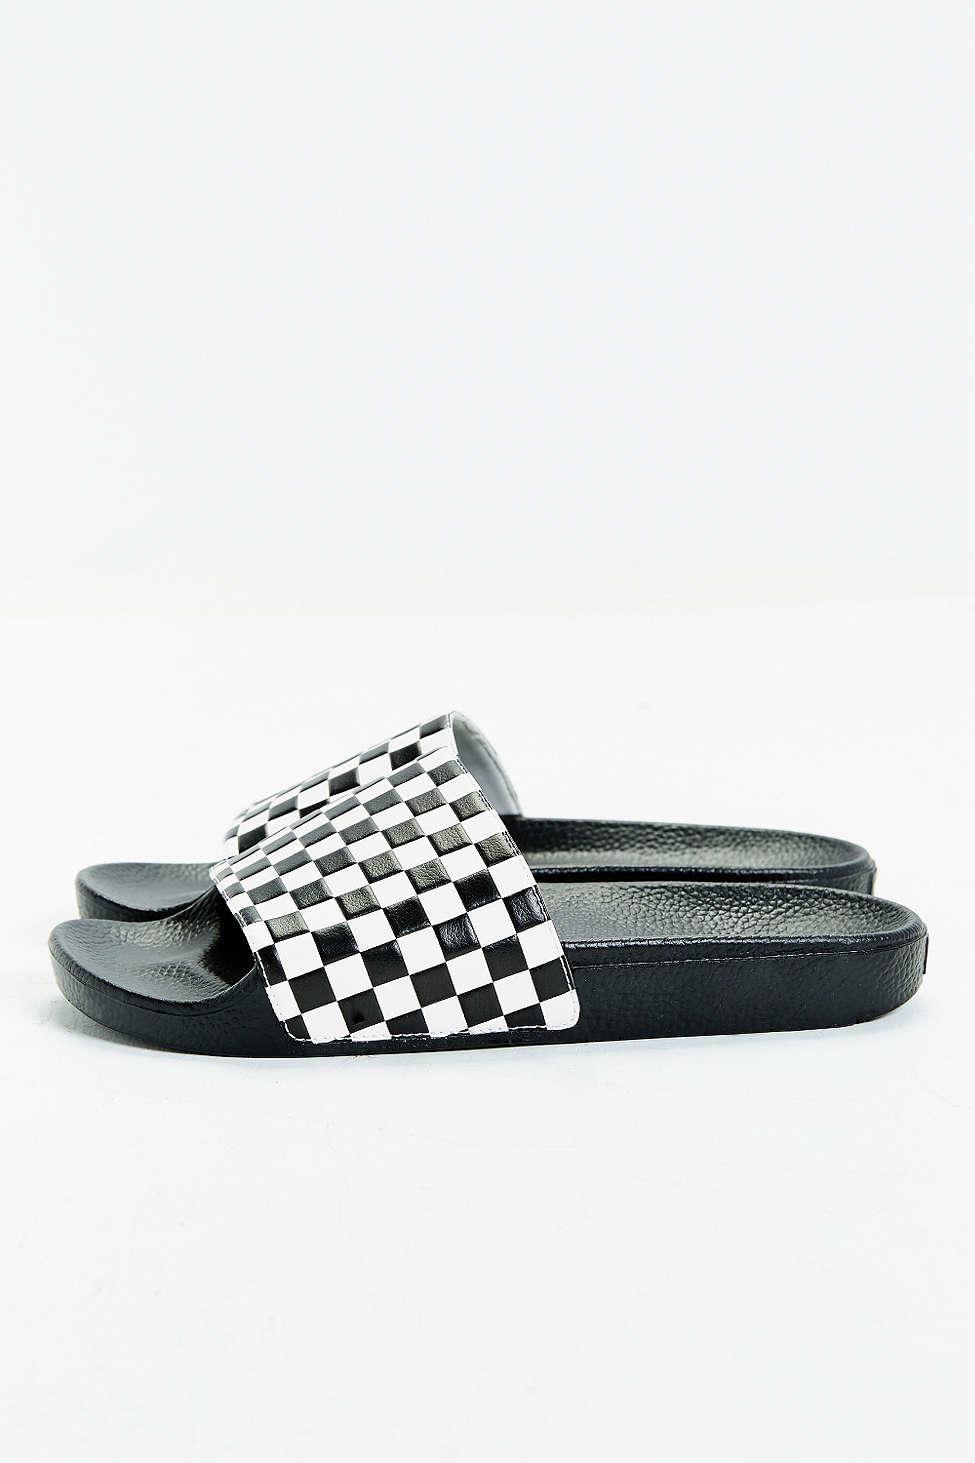 f317db5338b8 Lyst - Vans Slide-on Checkerboard Sandal in White for Men